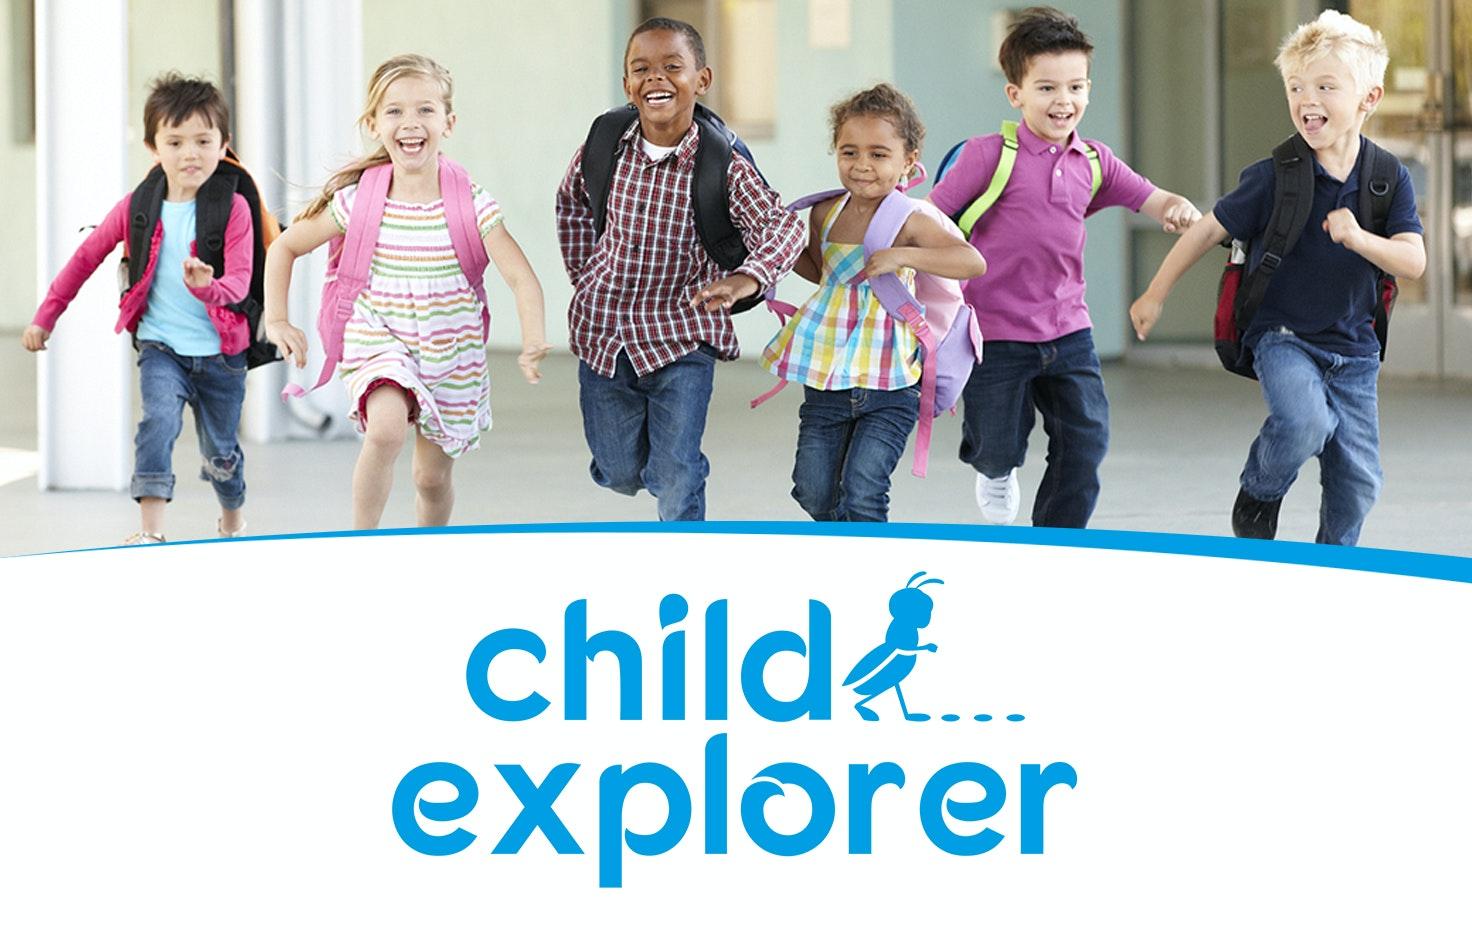 1478604740594522 1478506166576644 1477910993986523 child explorer